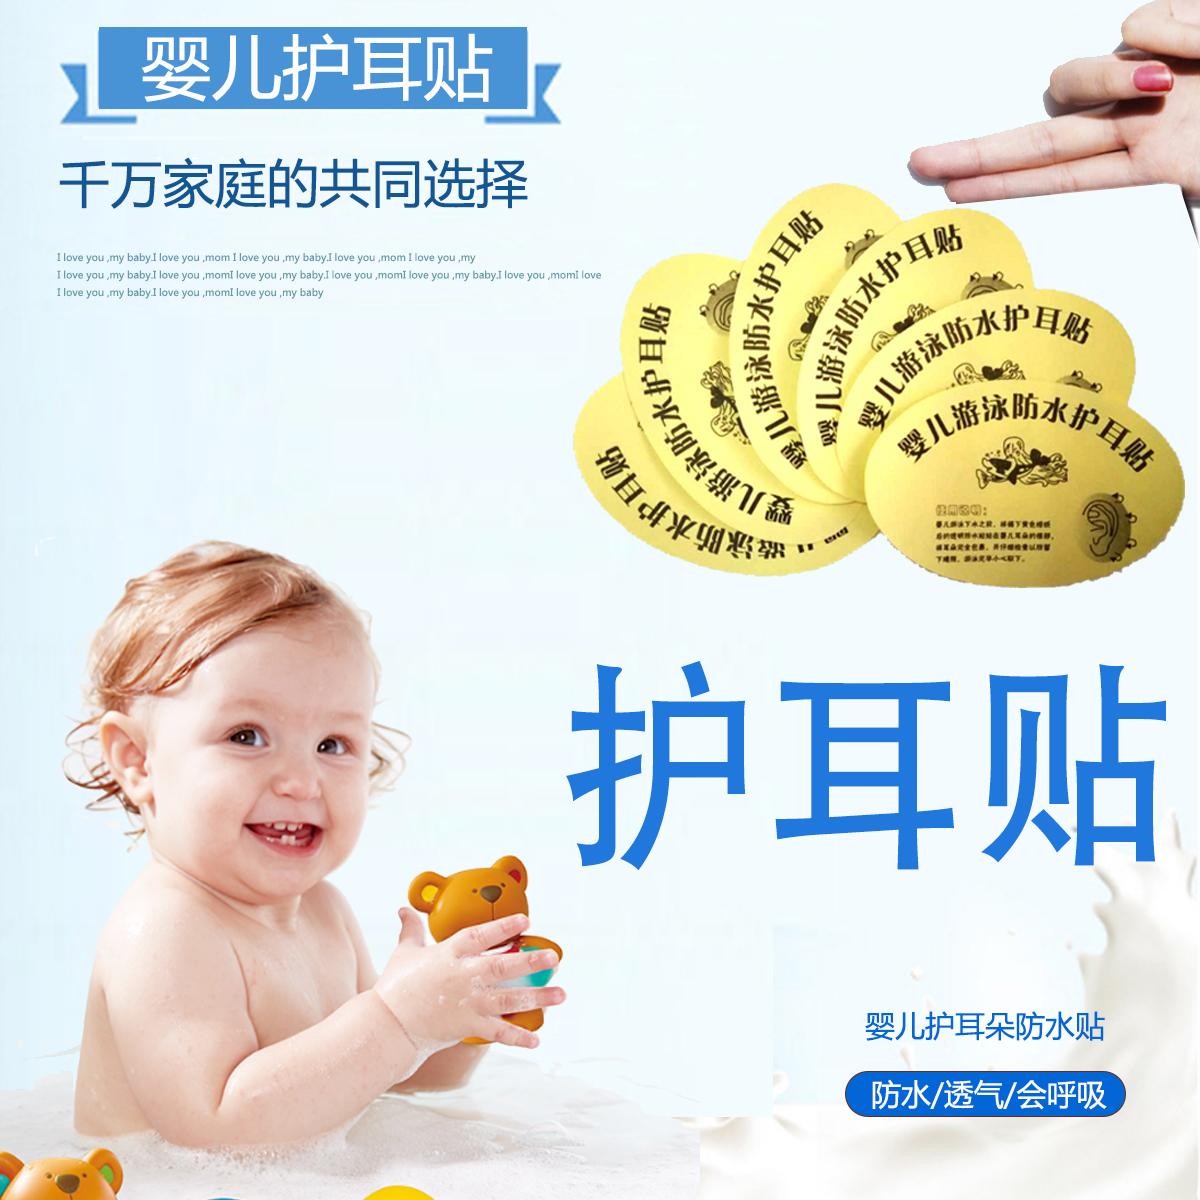 婴儿游泳护耳贴宝宝洗澡防水耳贴新生儿耳朵保护100片 包邮